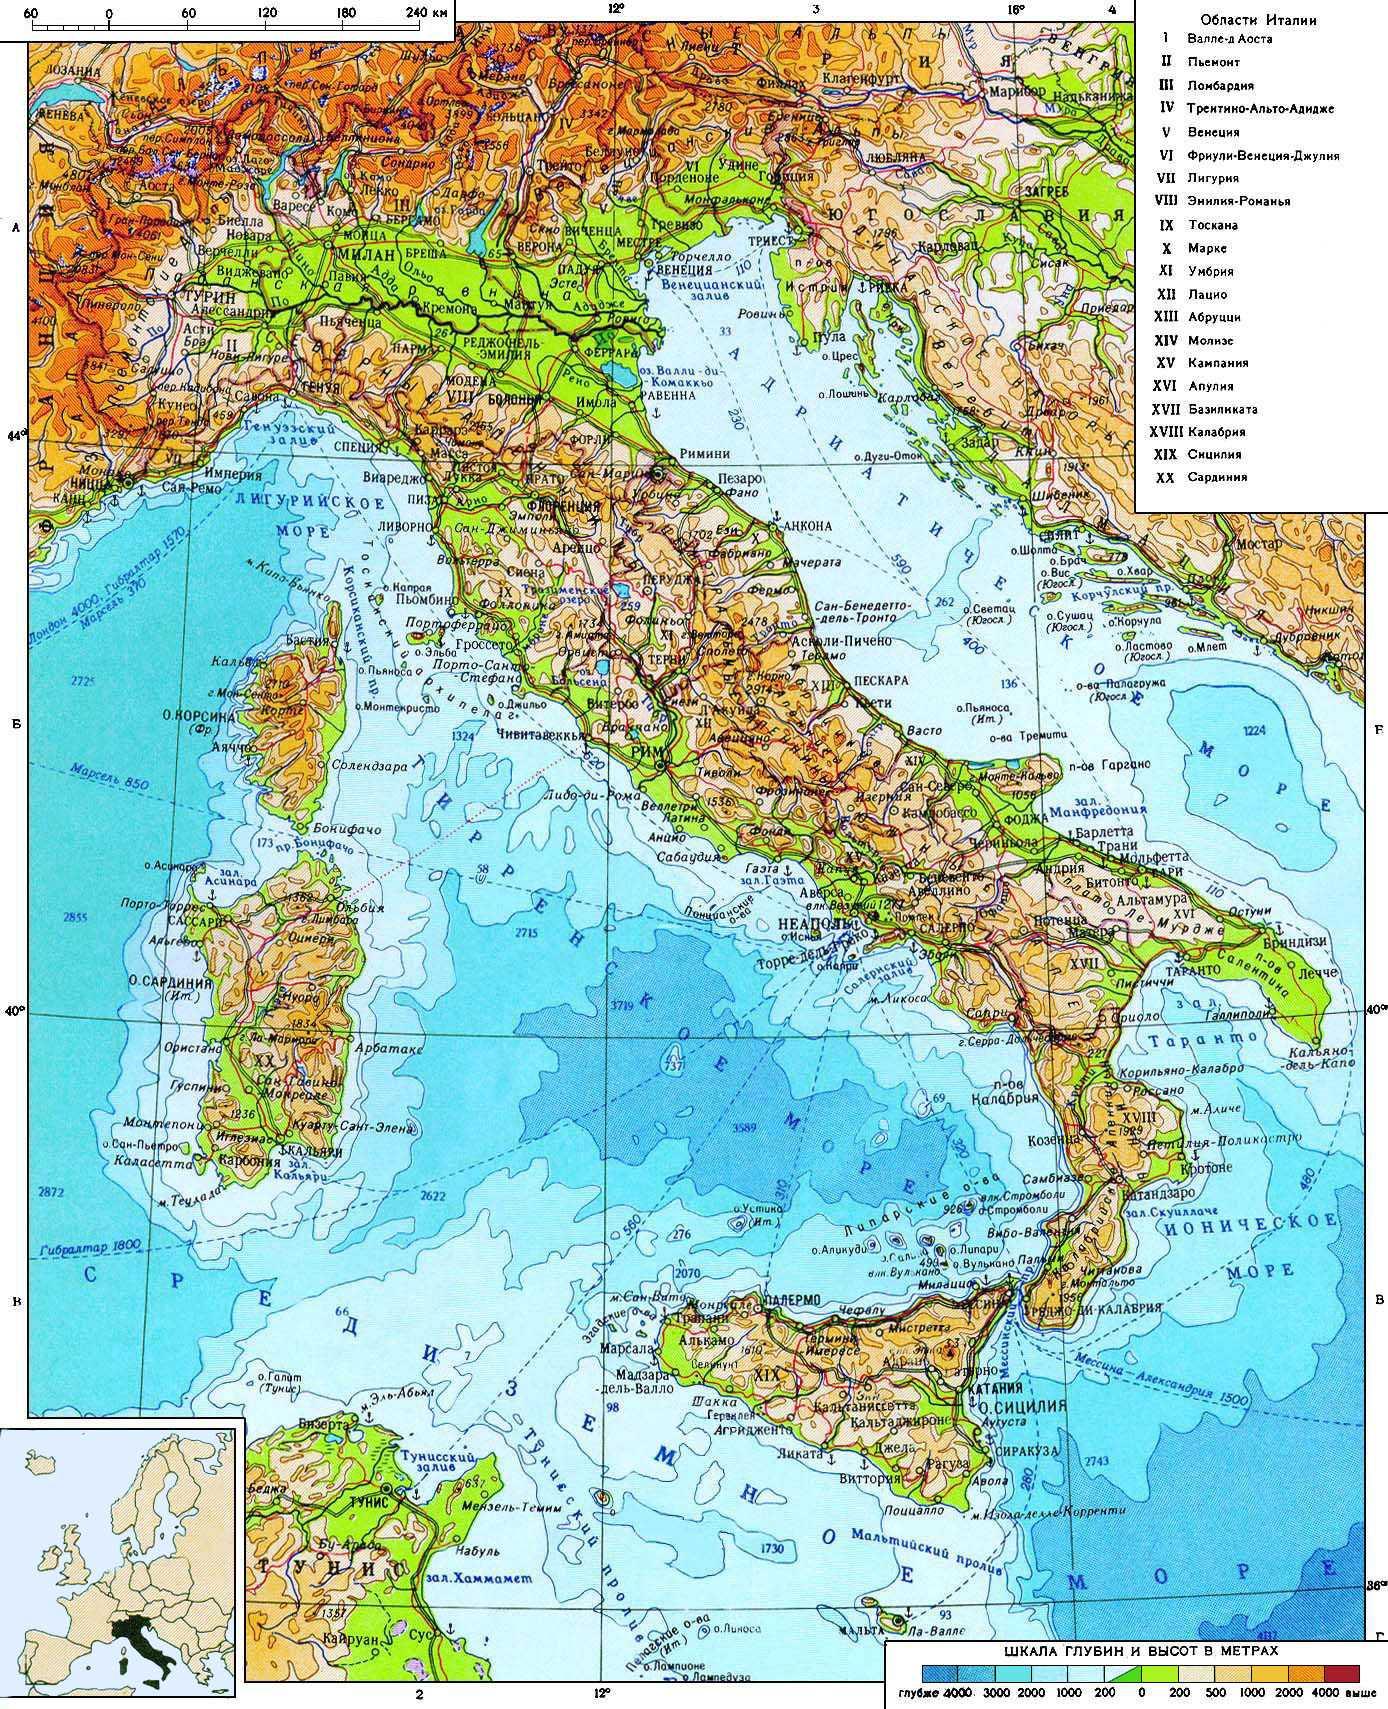 Karty Italii Podrobnaya Karta Italii Na Russkom Yazyke